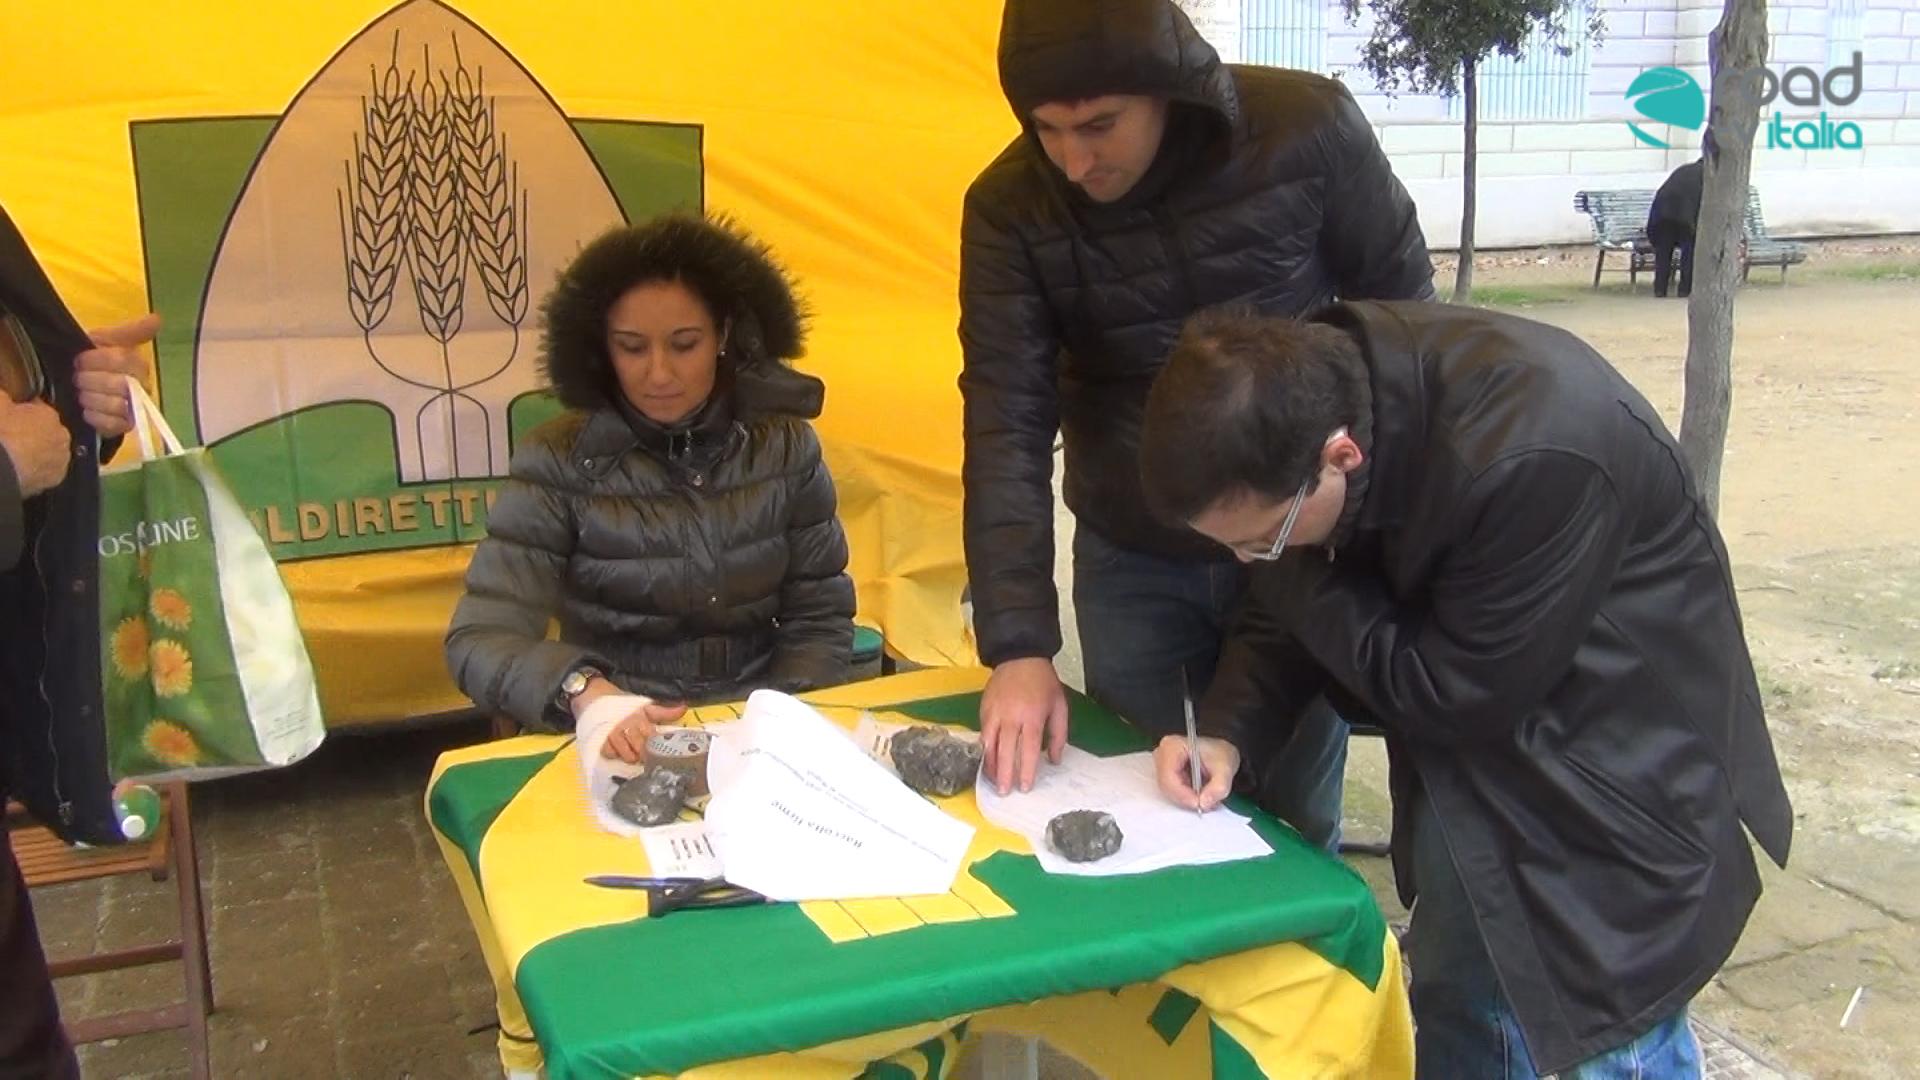 Tagli ai mercatini alimentari, la Coldiretti lancia una raccolta firme nelle piazze napoletane (VIDEO)